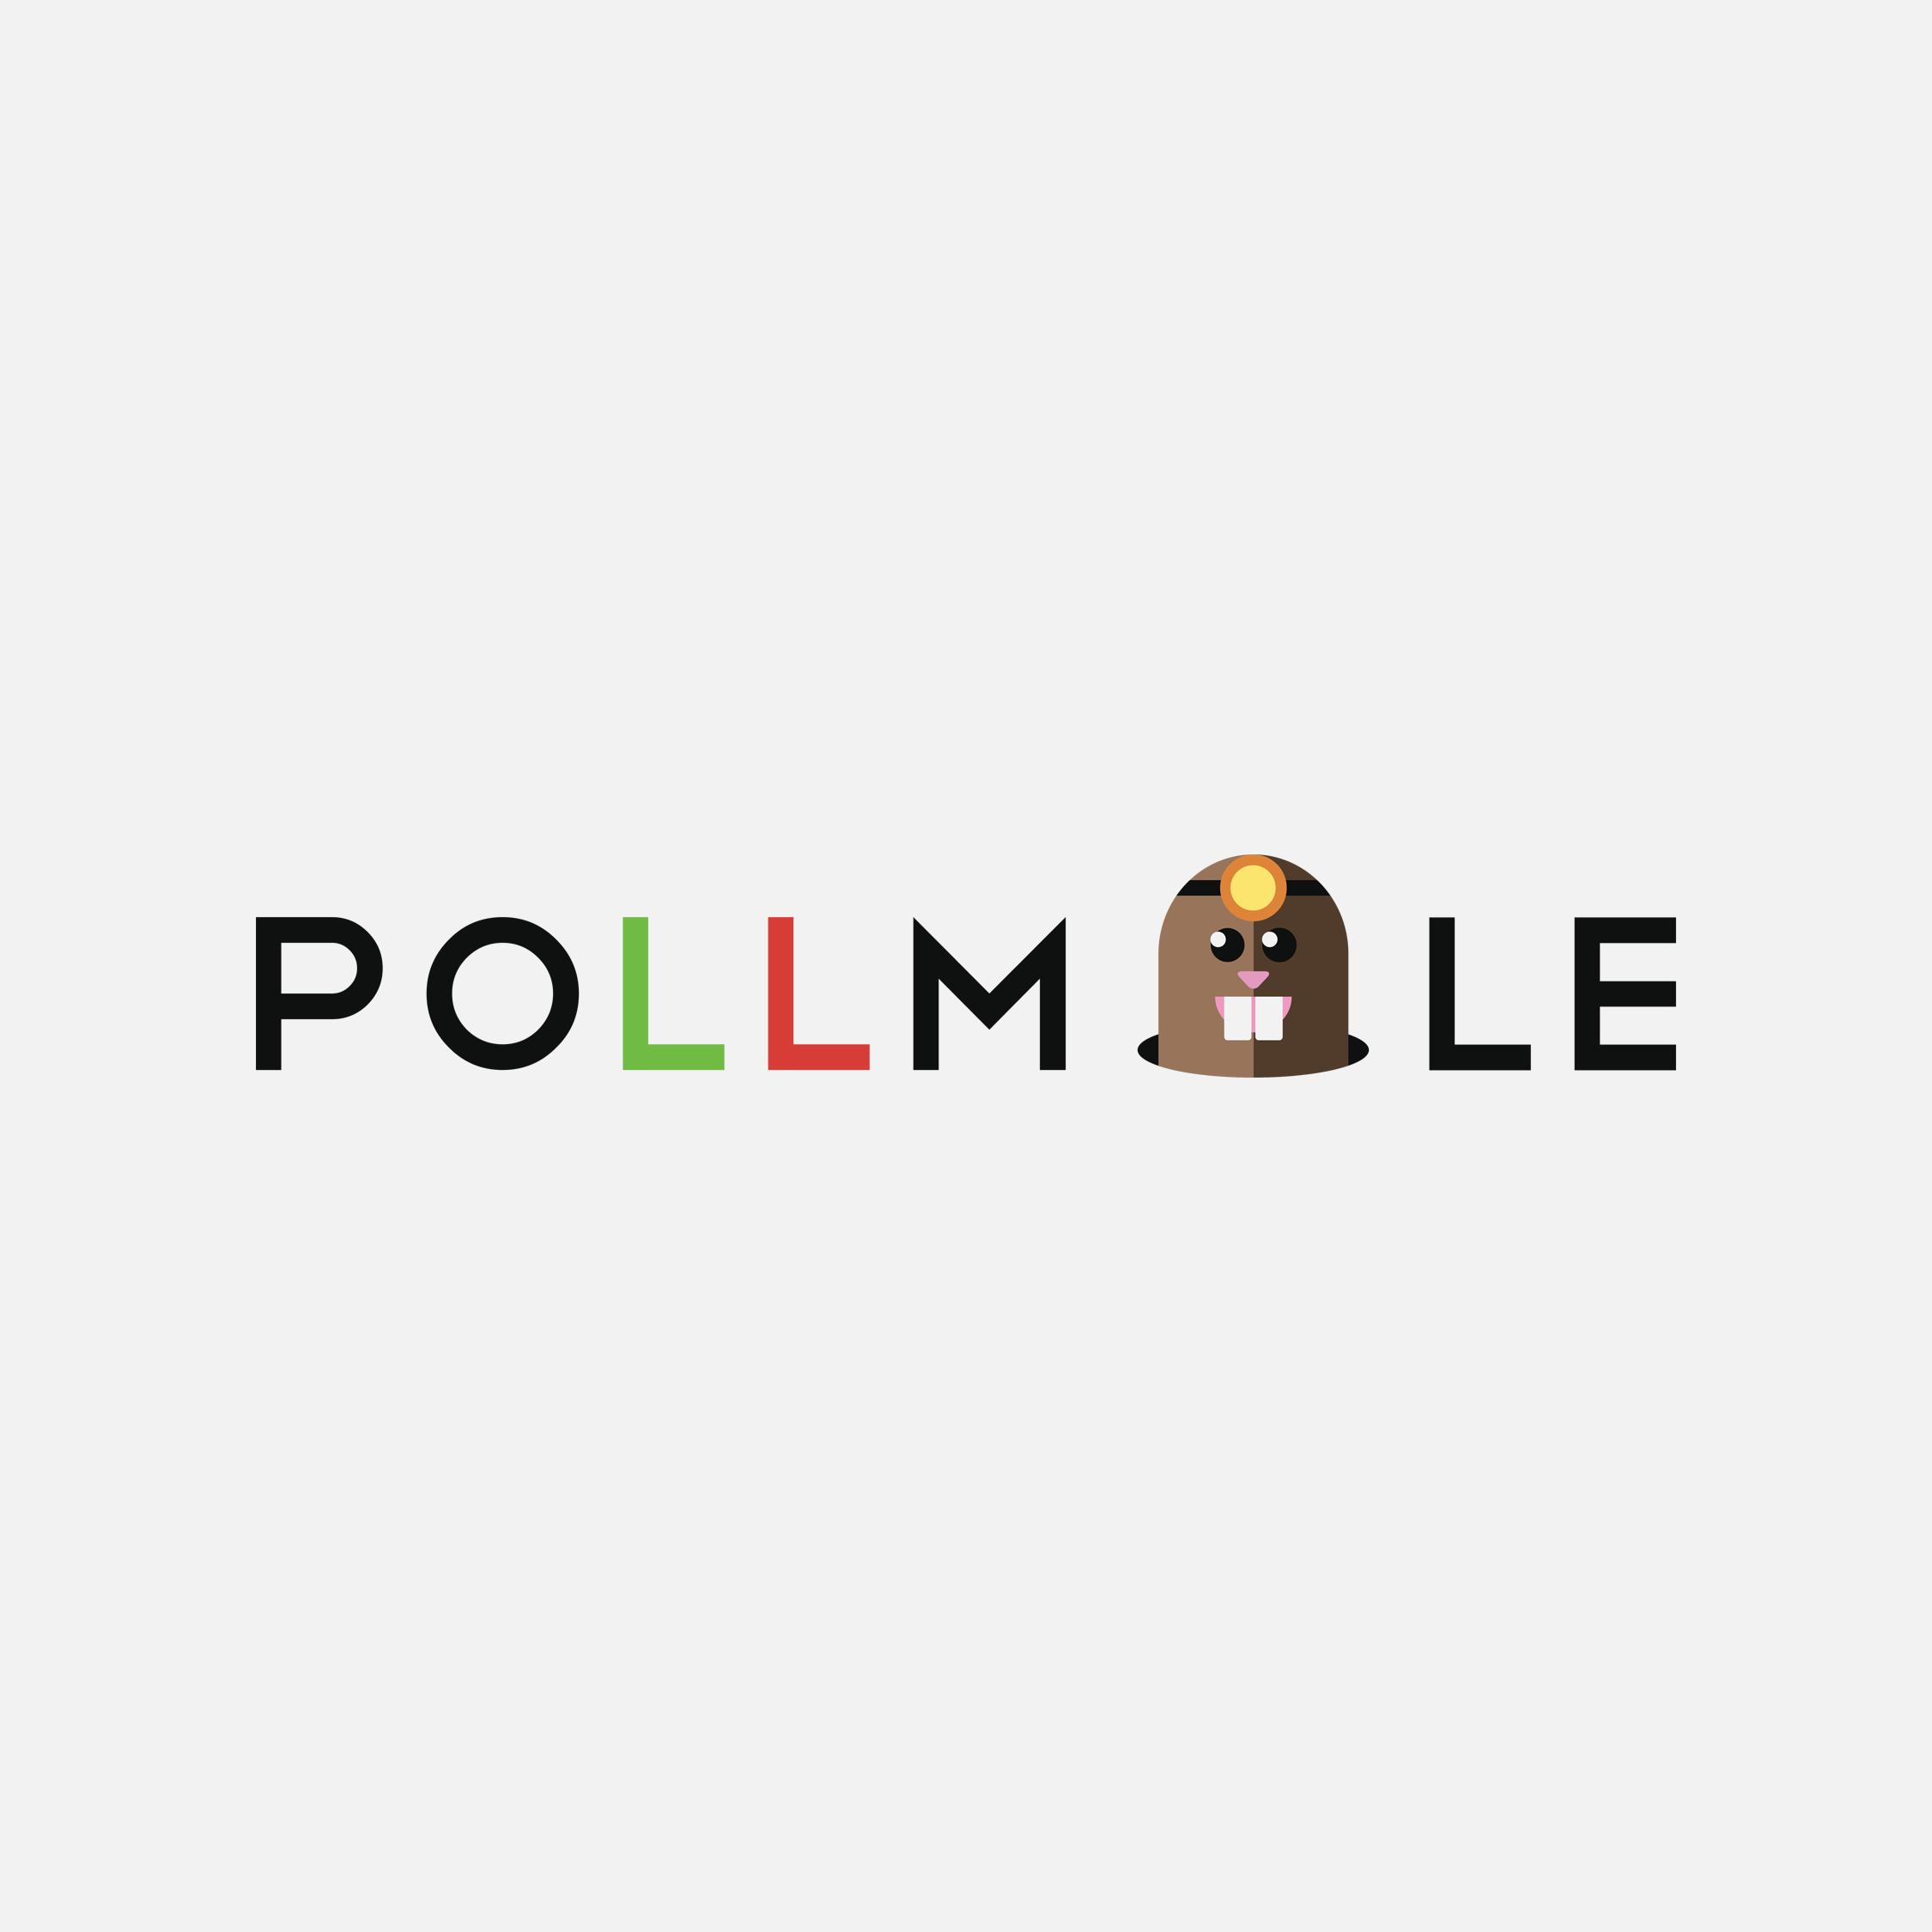 Pollmole App Proposed Logo